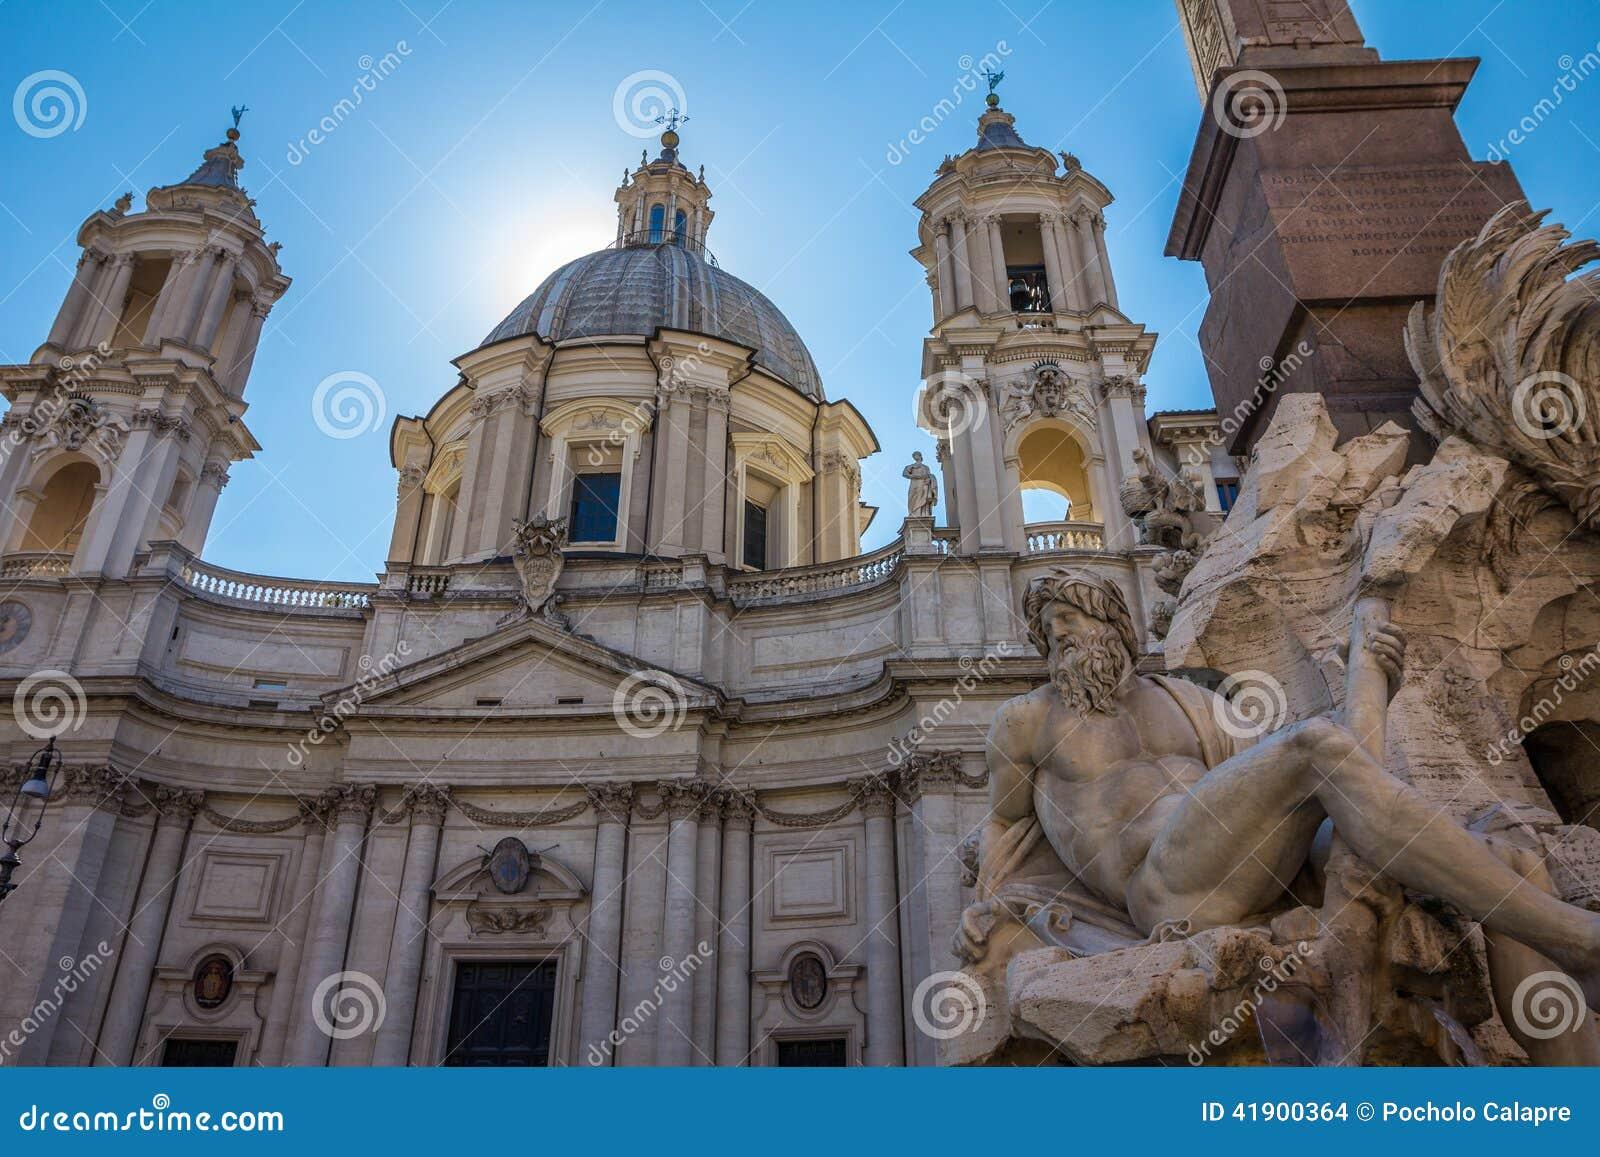 Piazza Navona à Rome, Italie